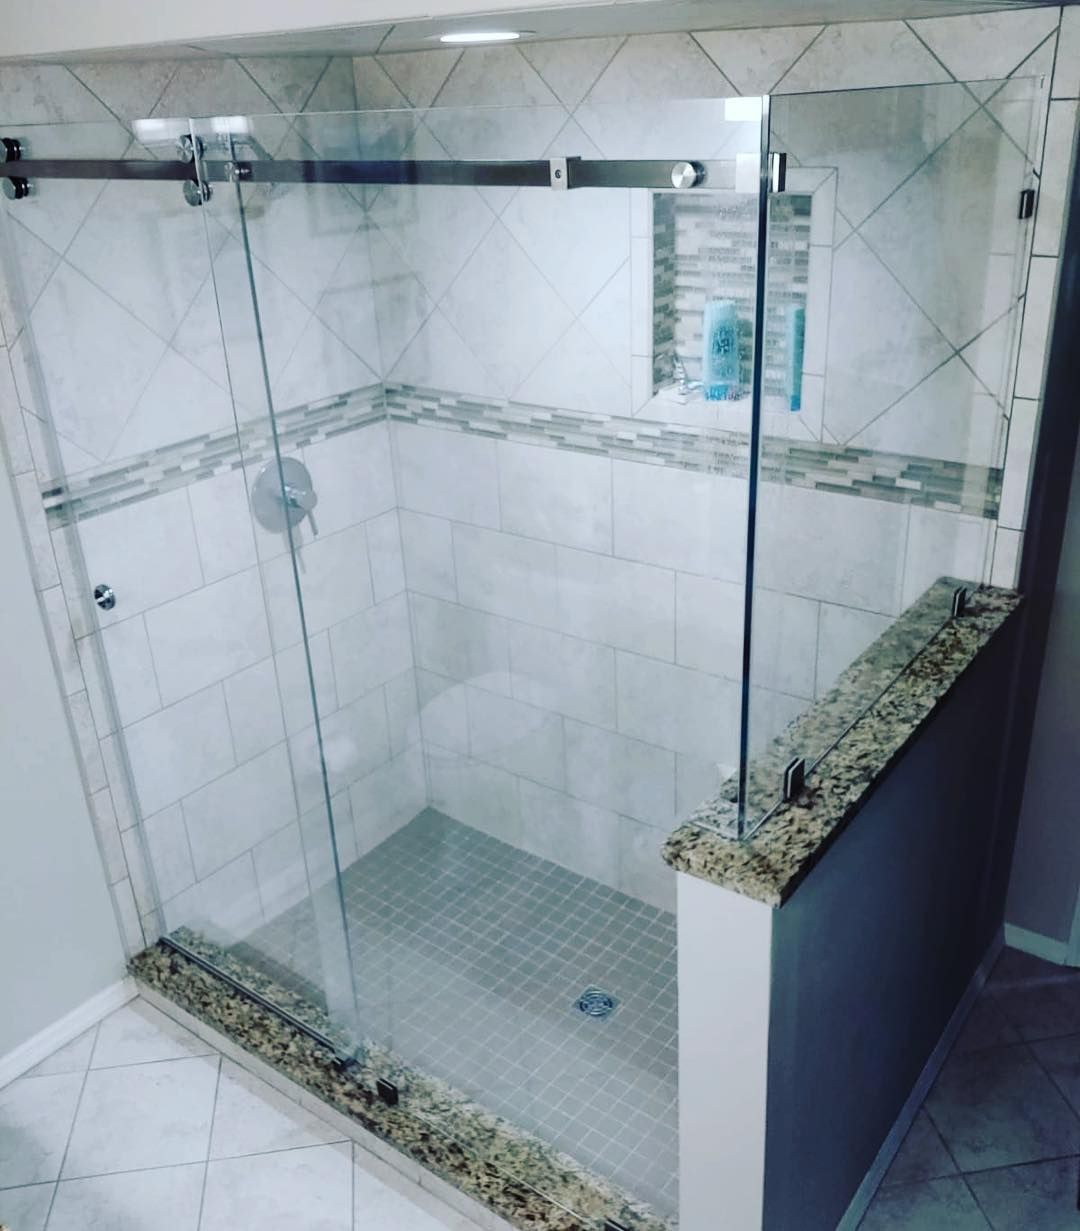 Corner 90 Degree Serenity Frameless Sliding Glass Call Us For A Free Estimate Bathroomremodel Corner 9 Bathrooms Remodel Frameless Shower Diy Decor Crafts